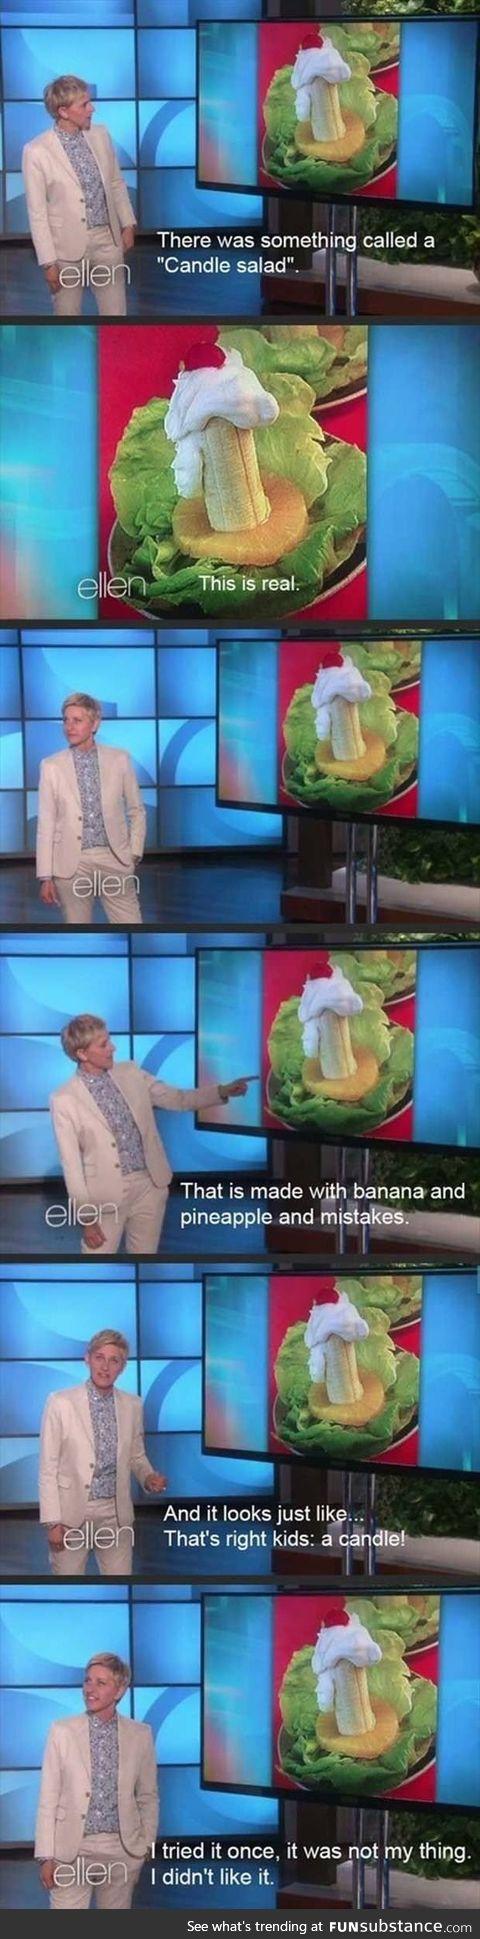 Ellen on candle salad